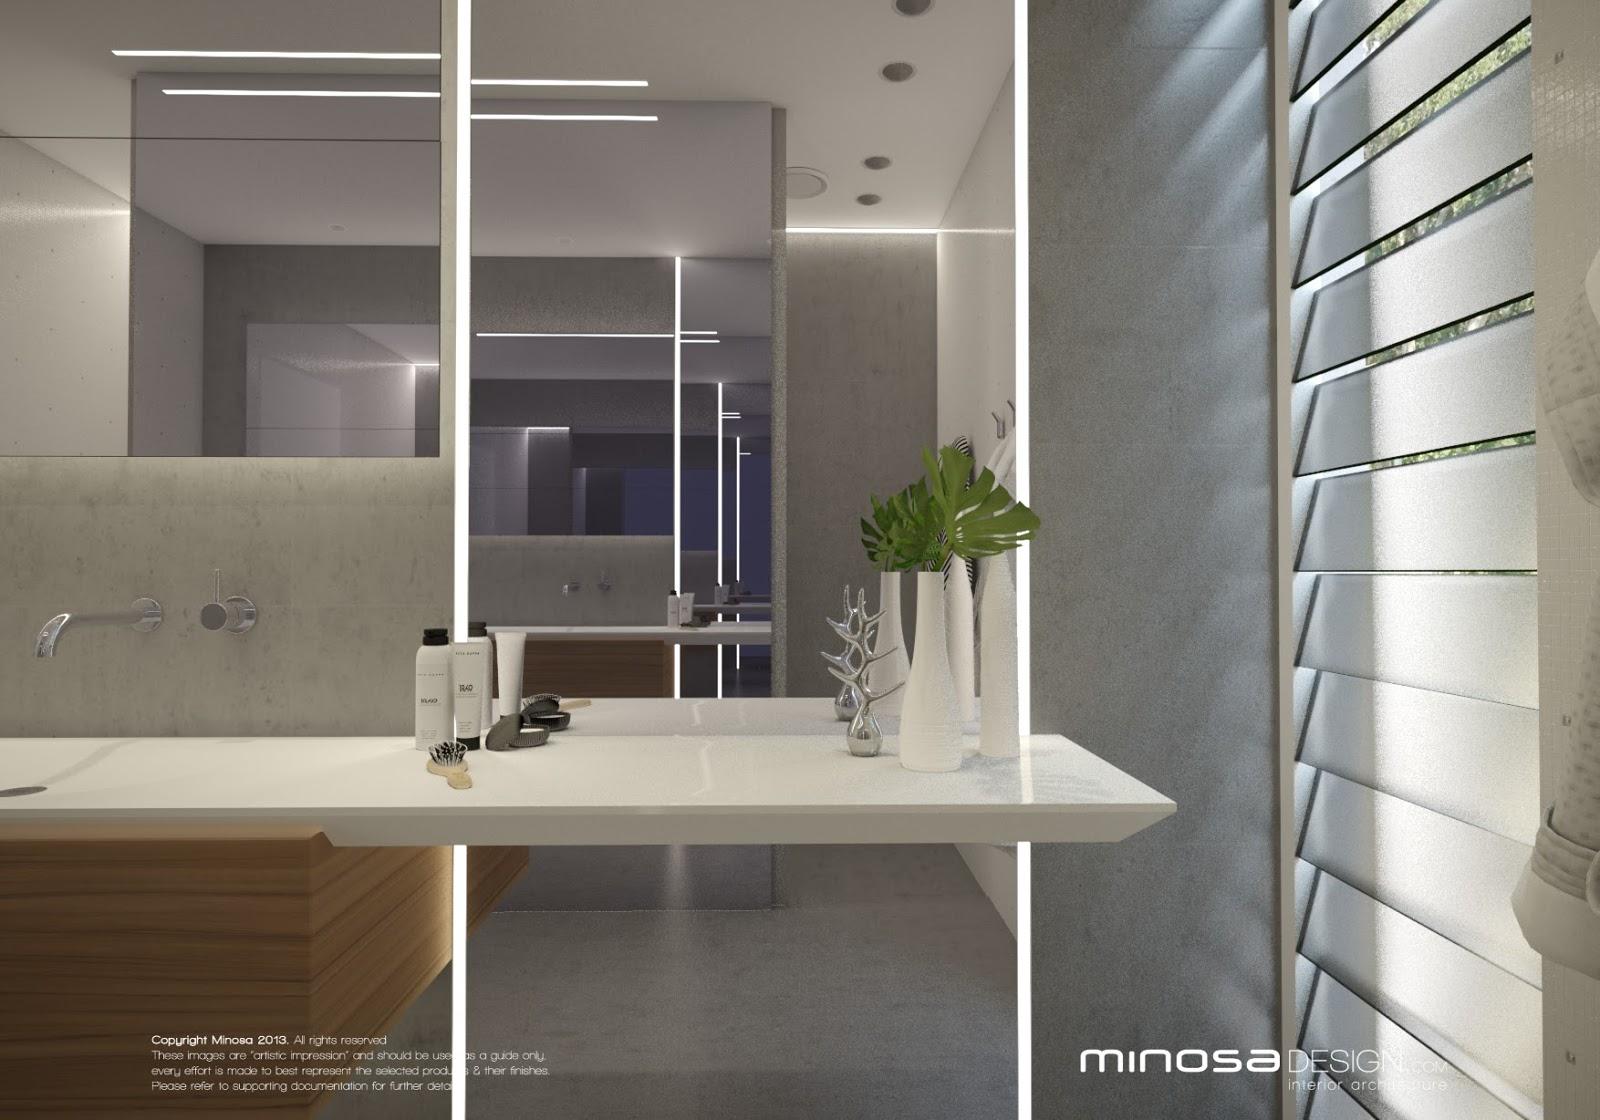 Minosa: A main bathroom to share on Main Bathroom Ideas  id=33581